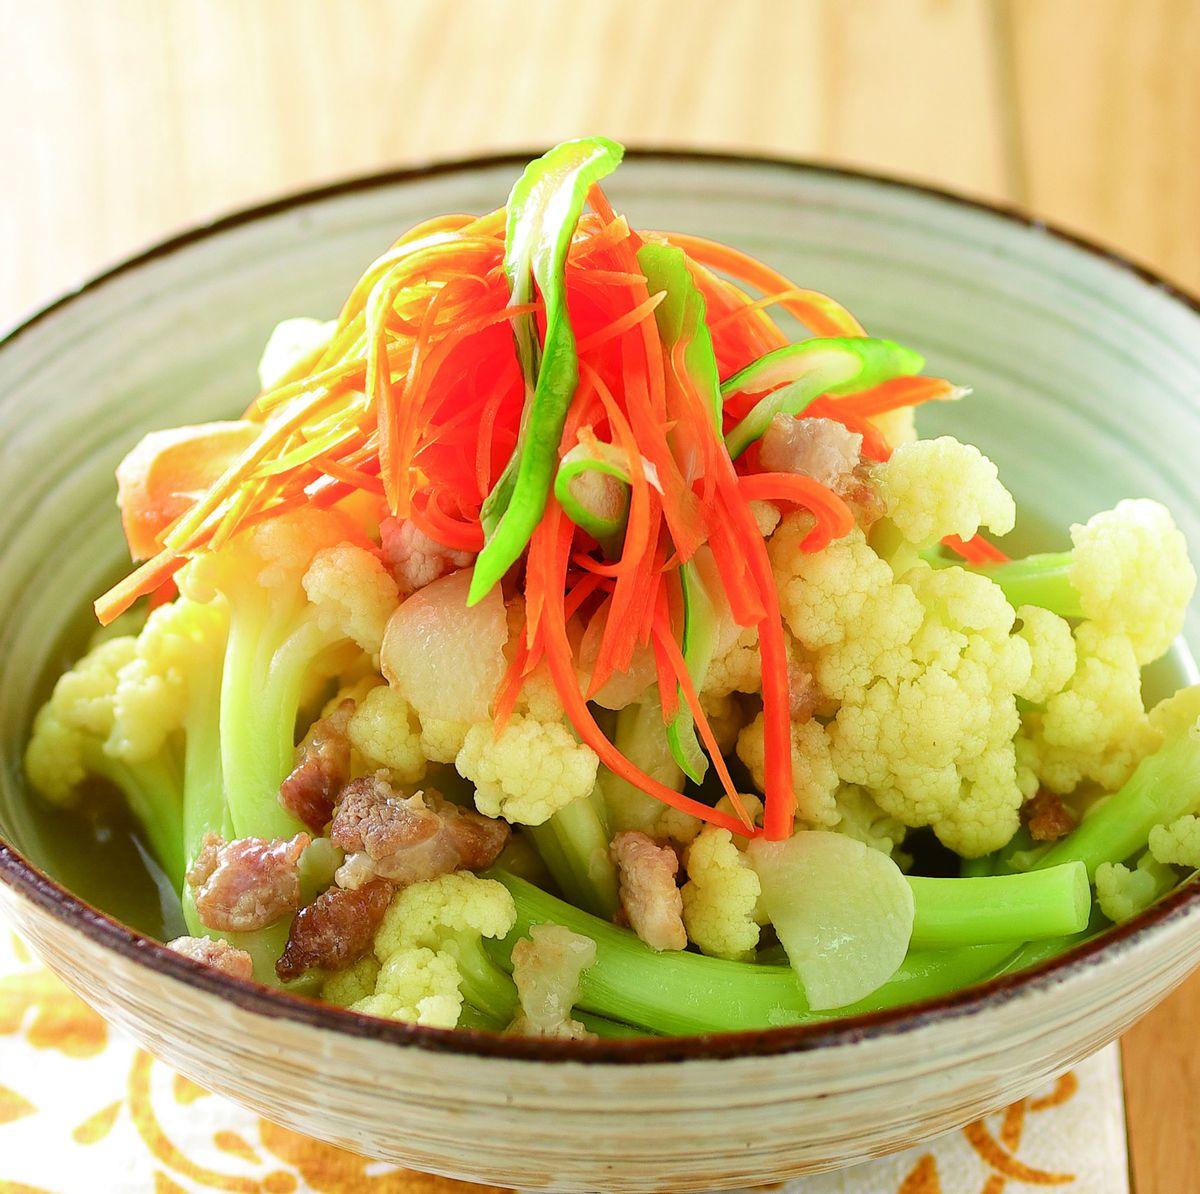 食譜:絞肉芡煮花椰菜